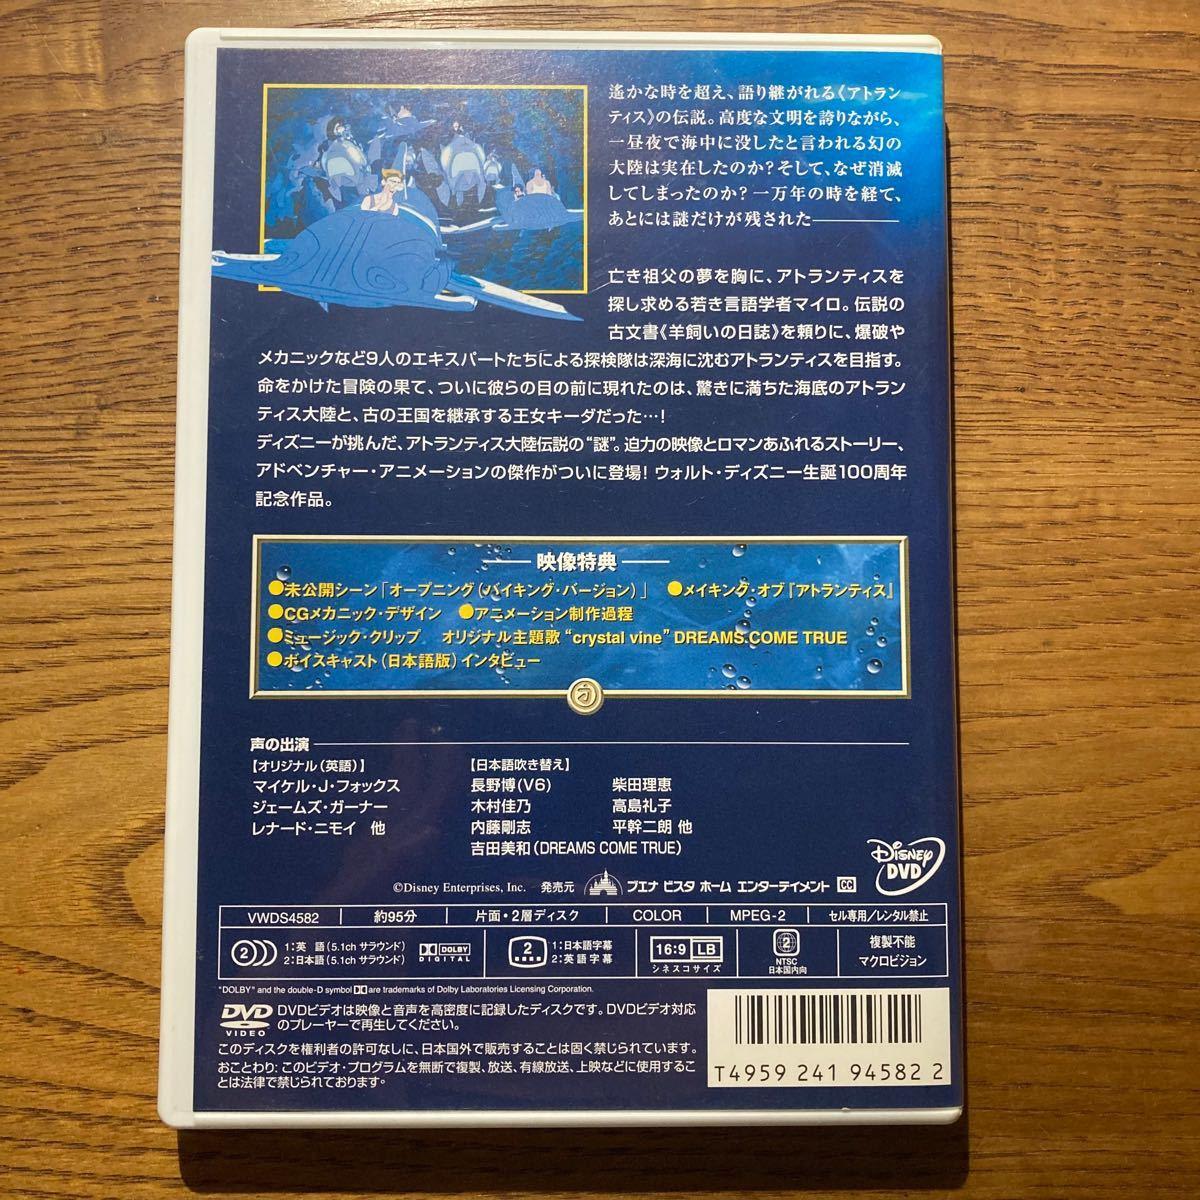 【ディズニー名作】アトランティス 失われた帝国 DVD